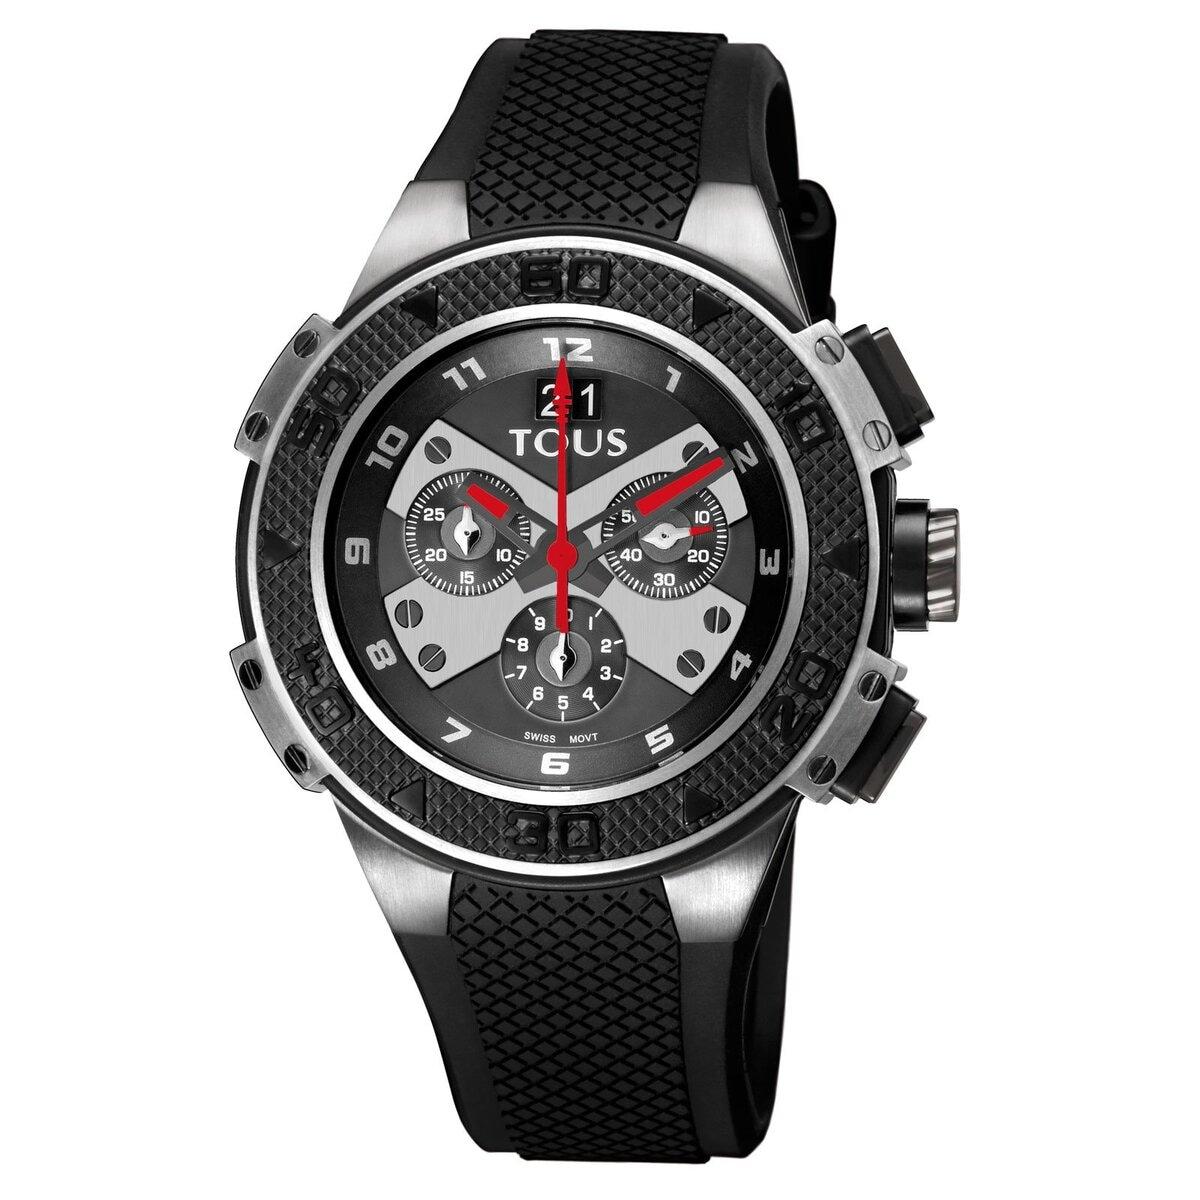 Zweifarbige Uhr Xtous aus schwarzem IP Stahl mit schwarzem Silikonarmband